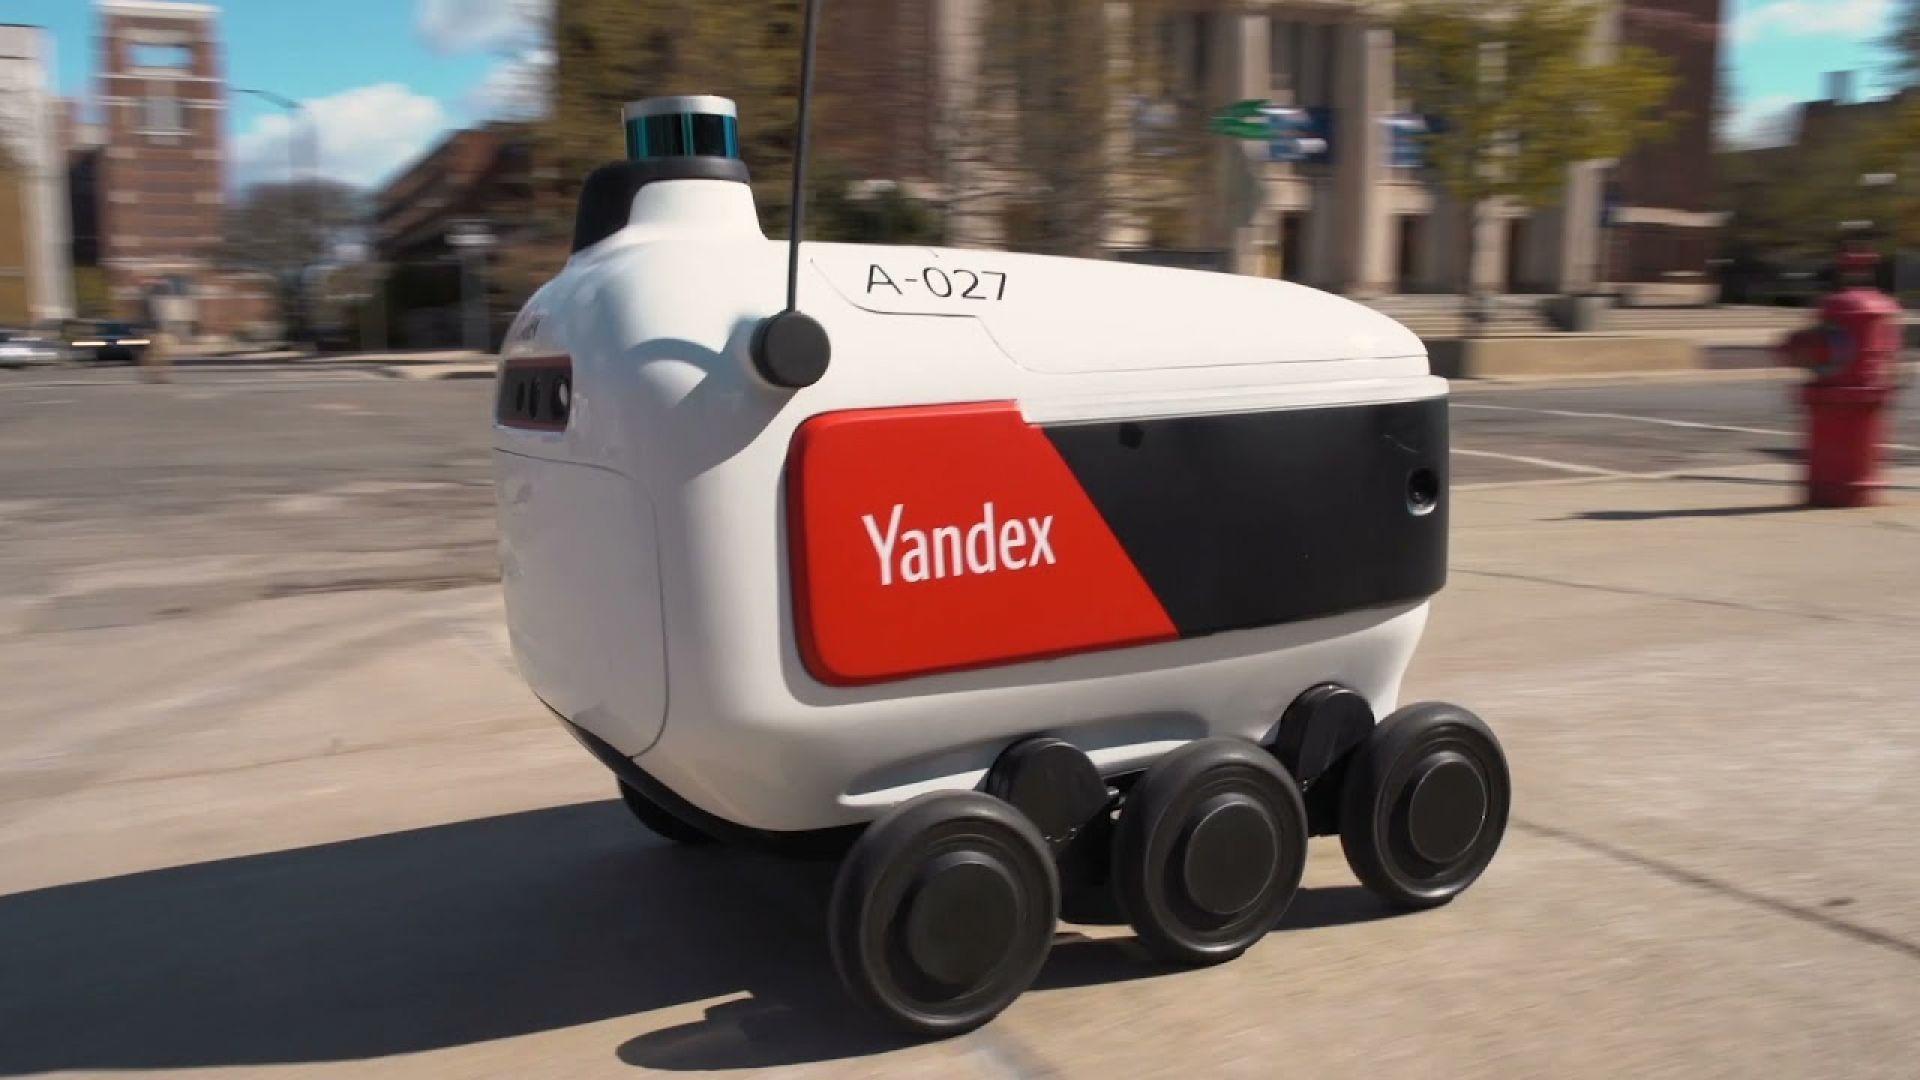 Руската Yandex ще прави автономни доставки в университетските кампуси в САЩ